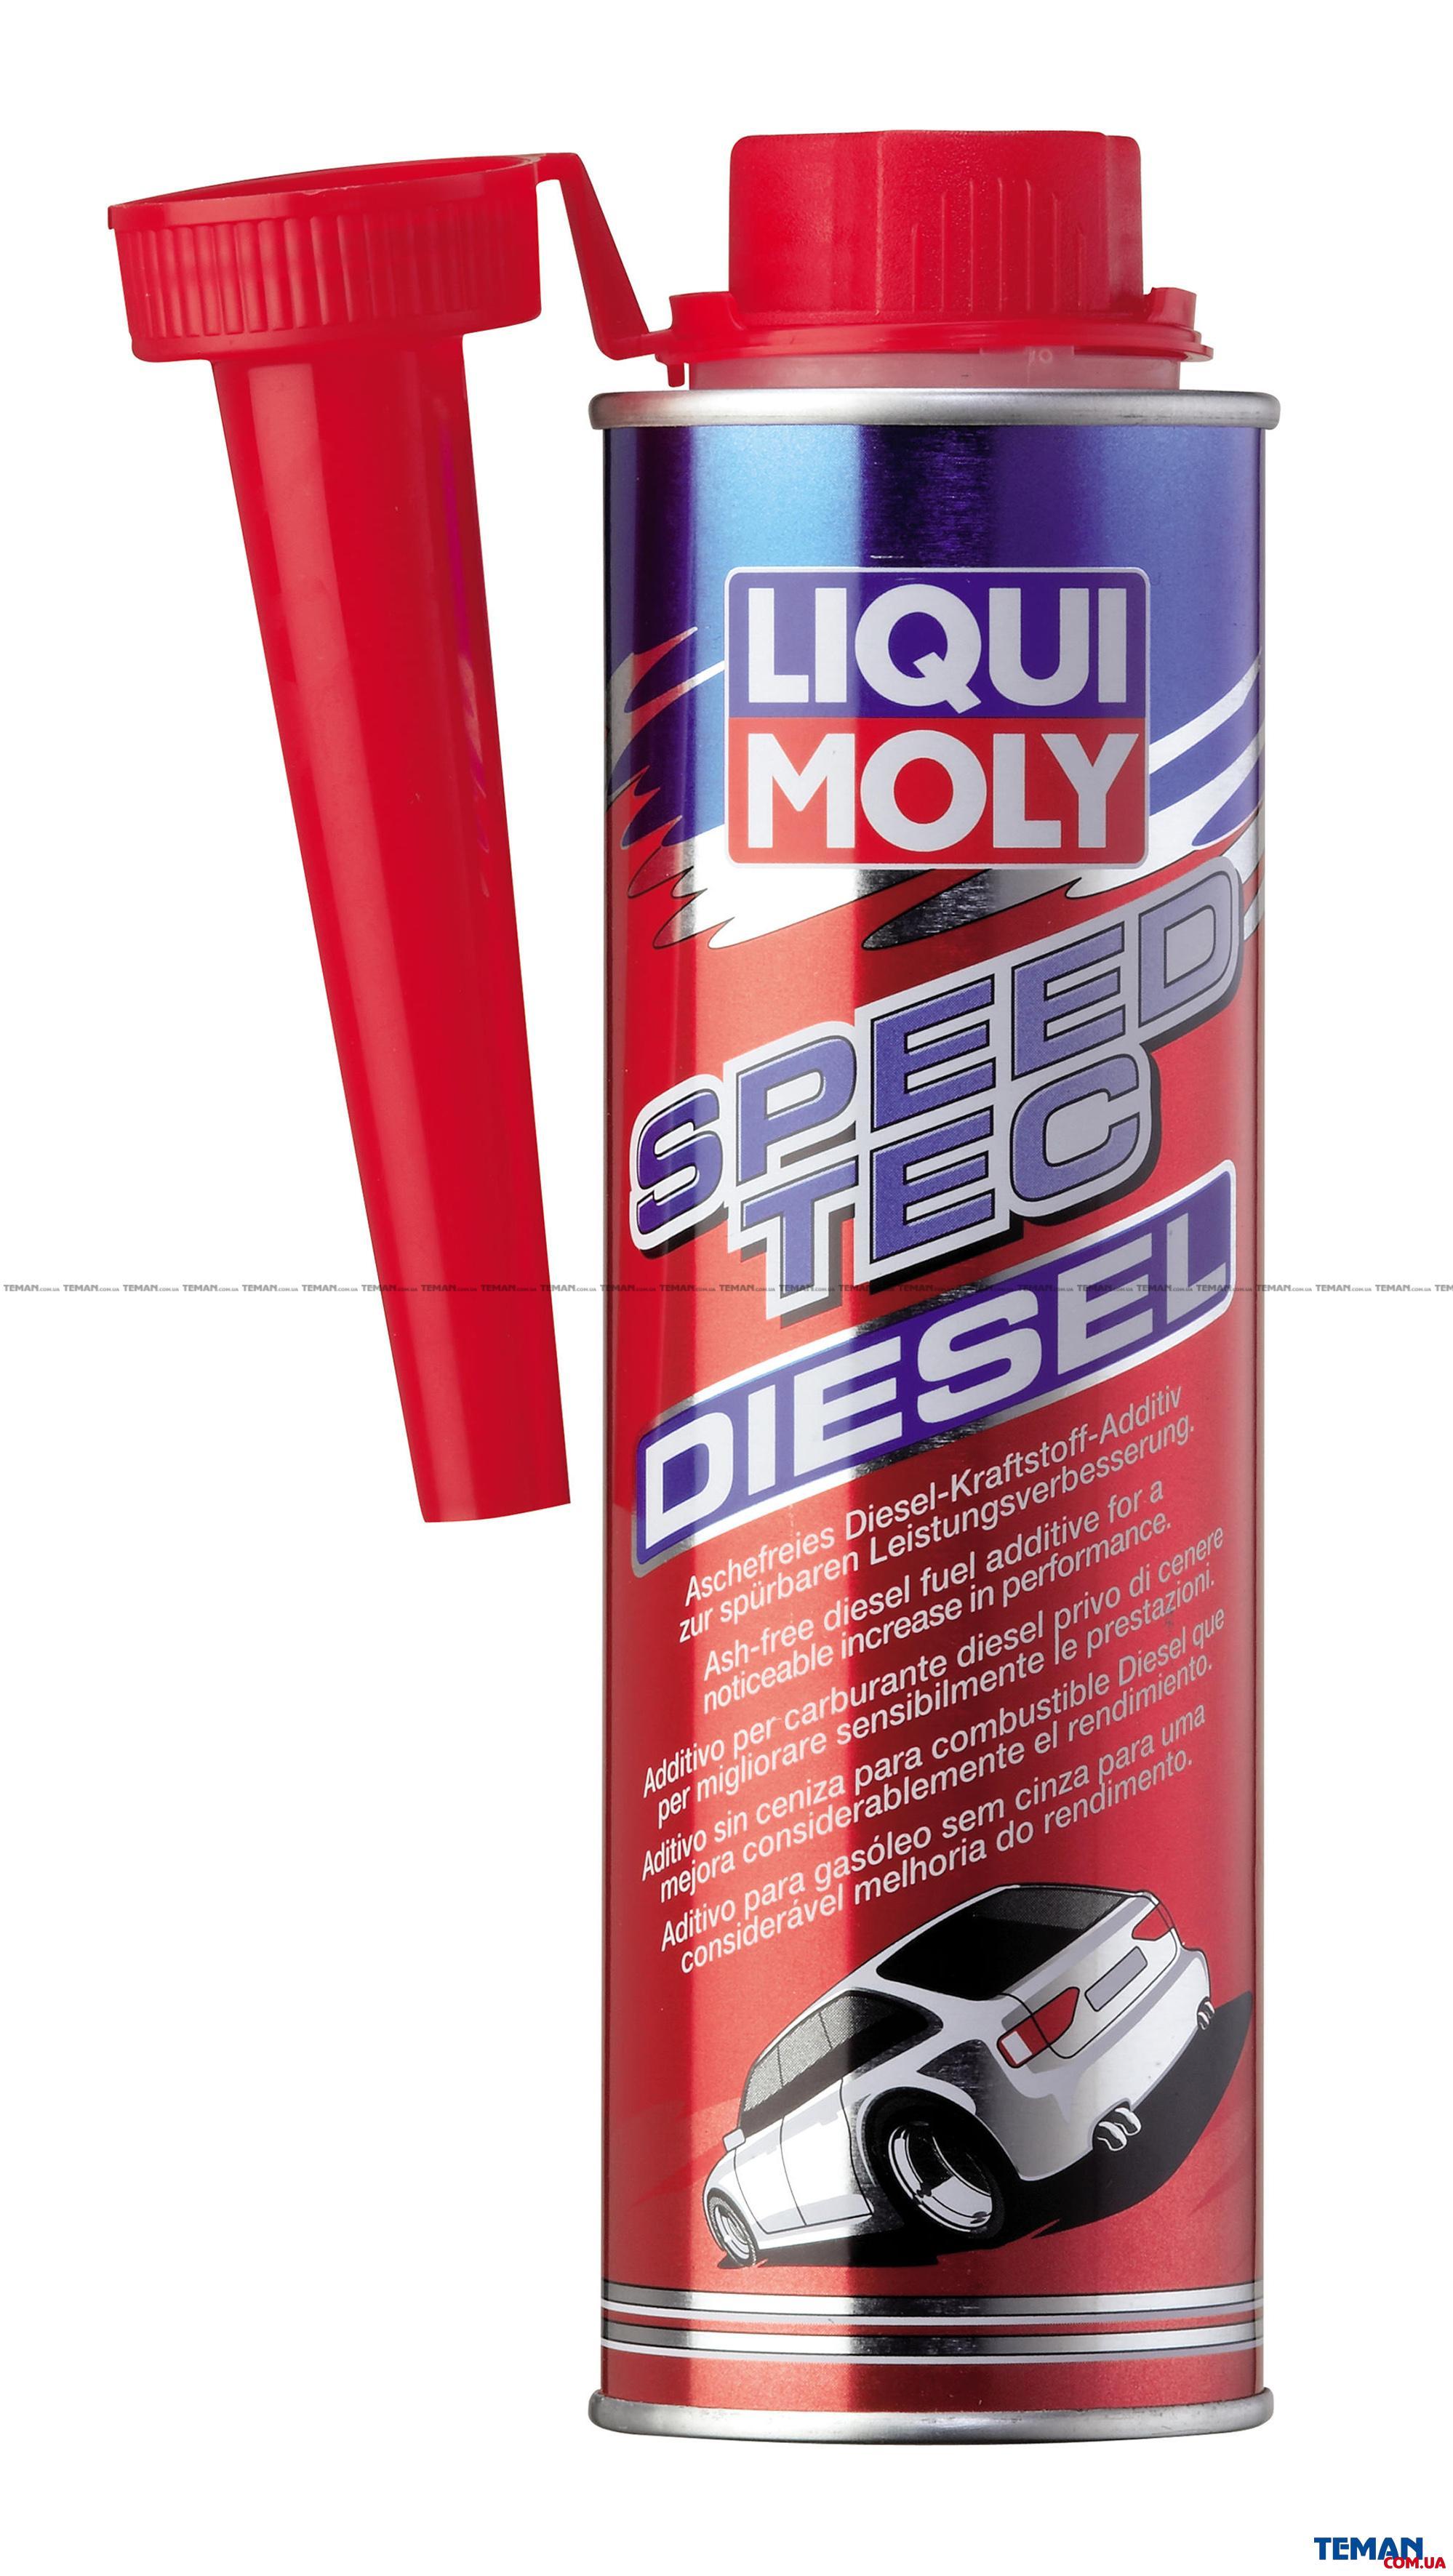 Присадка в дизель для повышения мощности Speed Tec Diesel, 250 мл